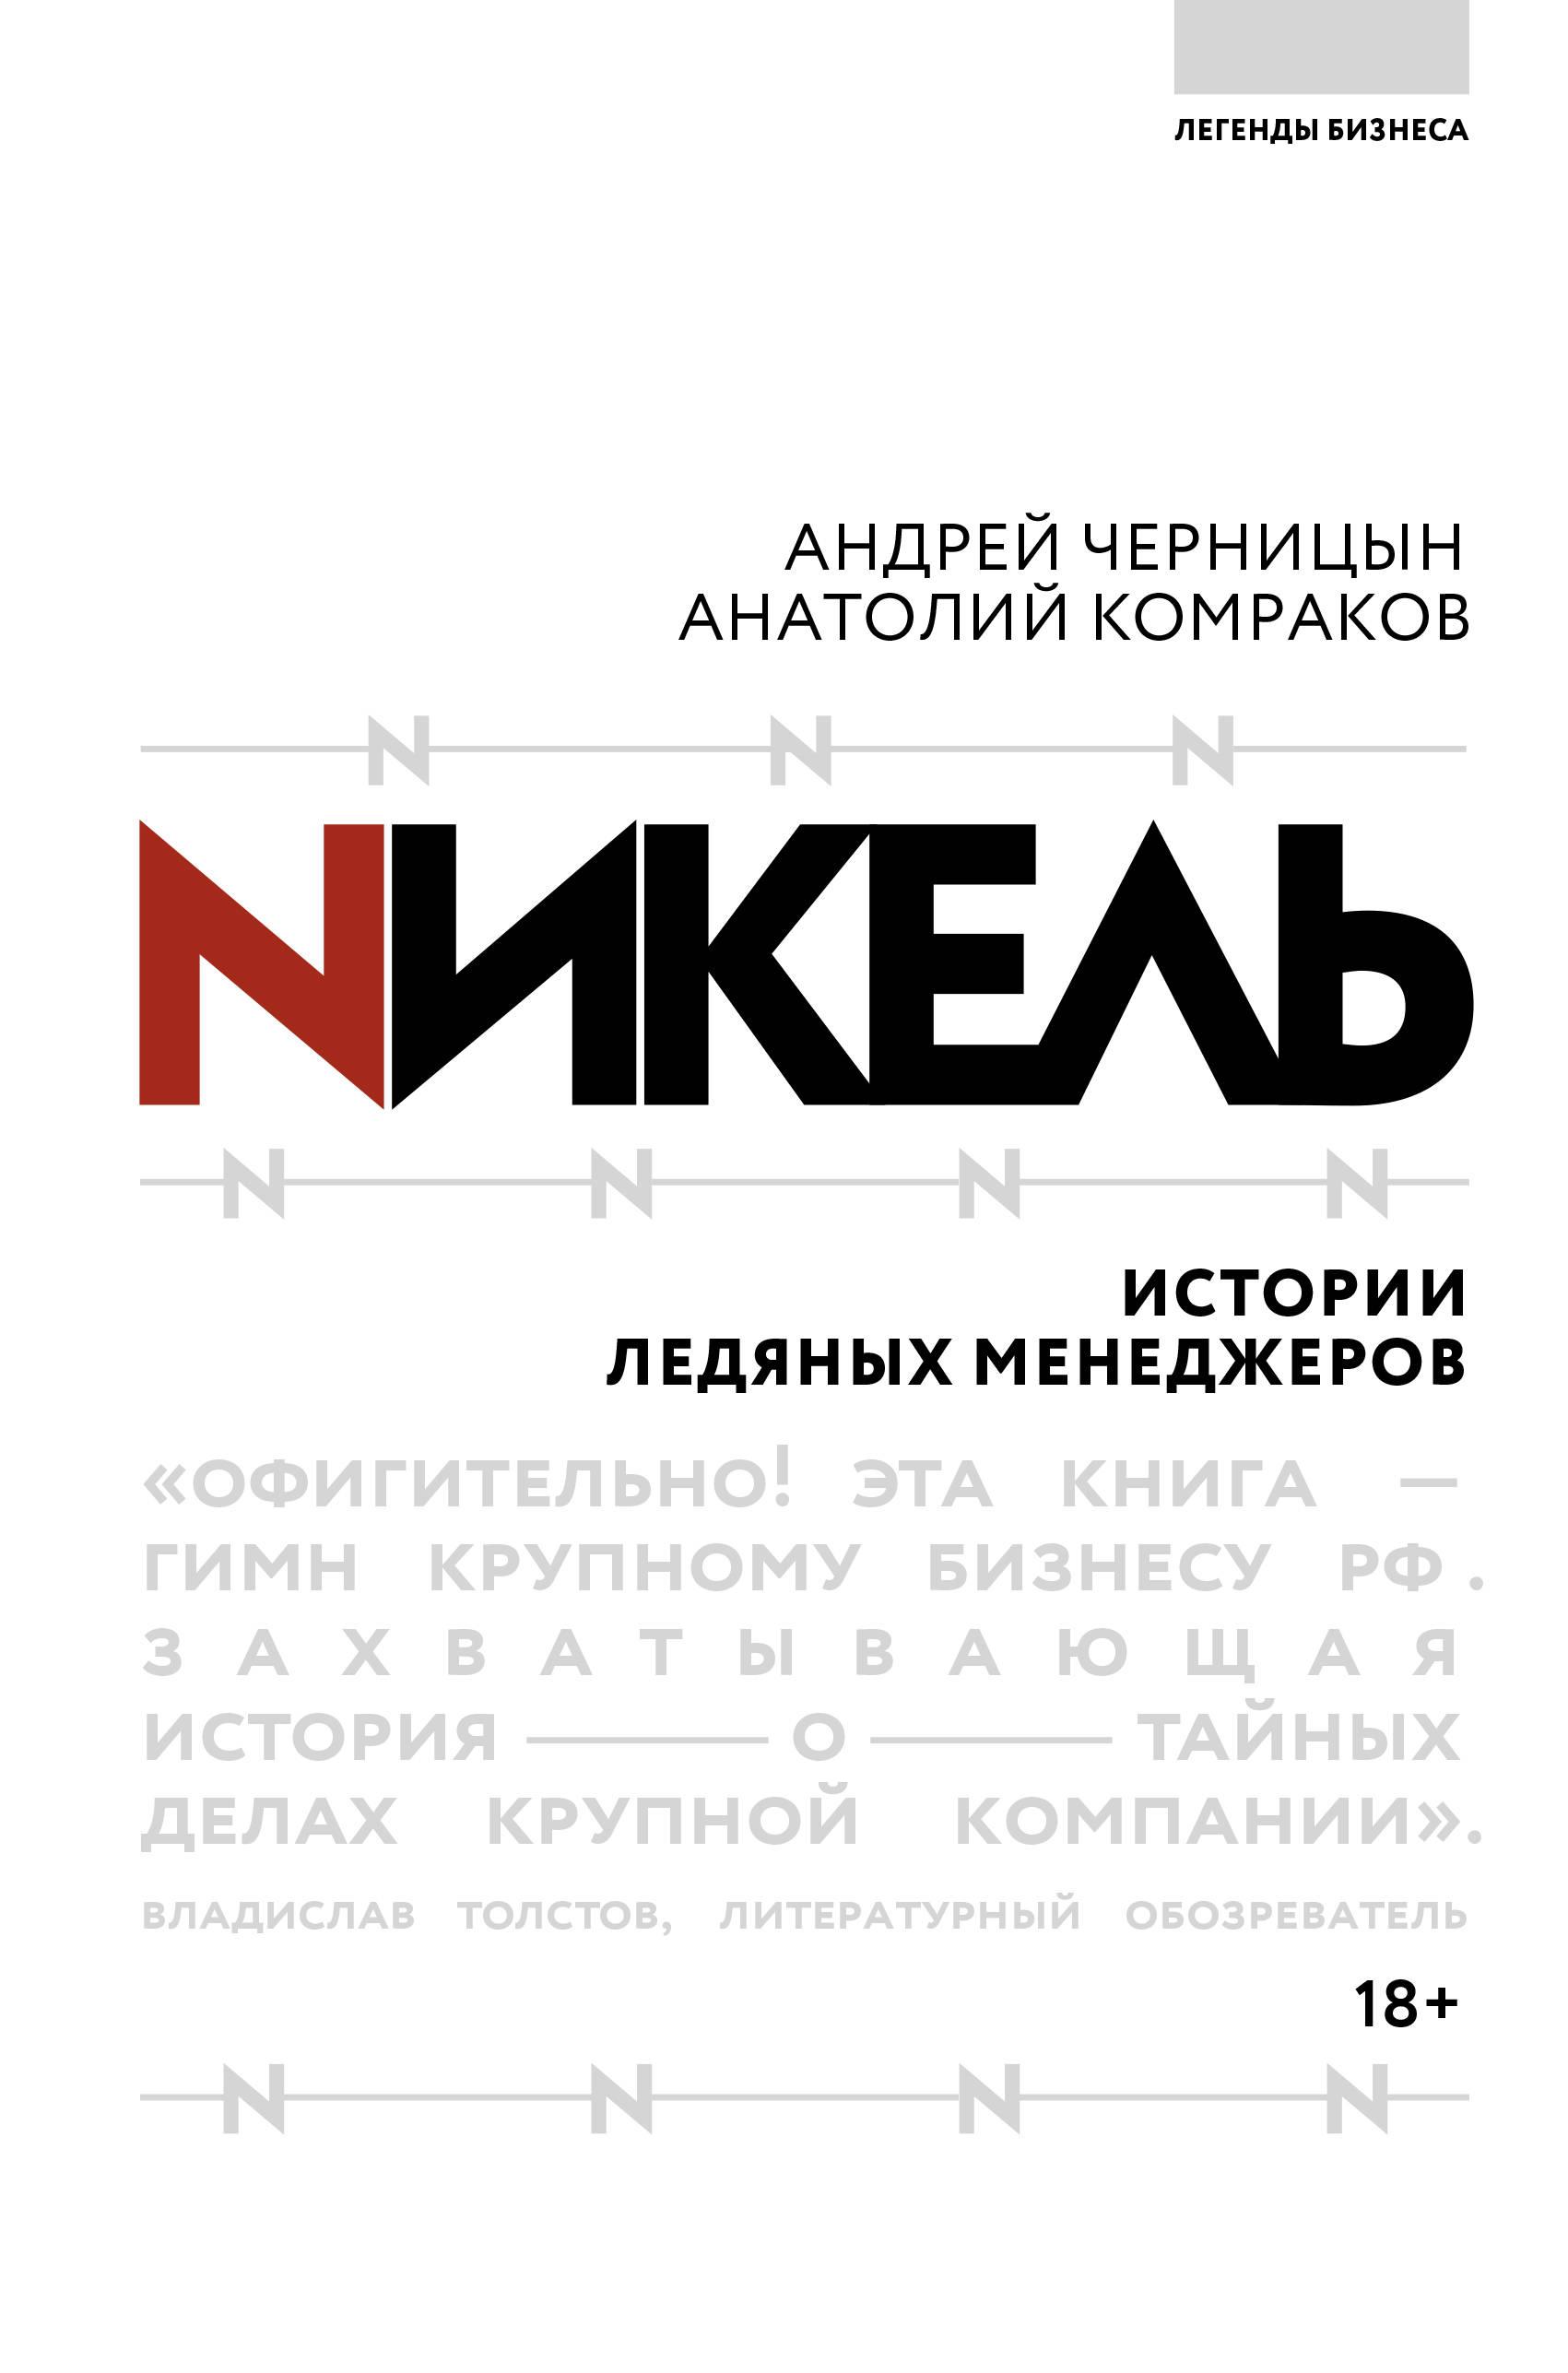 Никель. Истории ледяных менеджеров